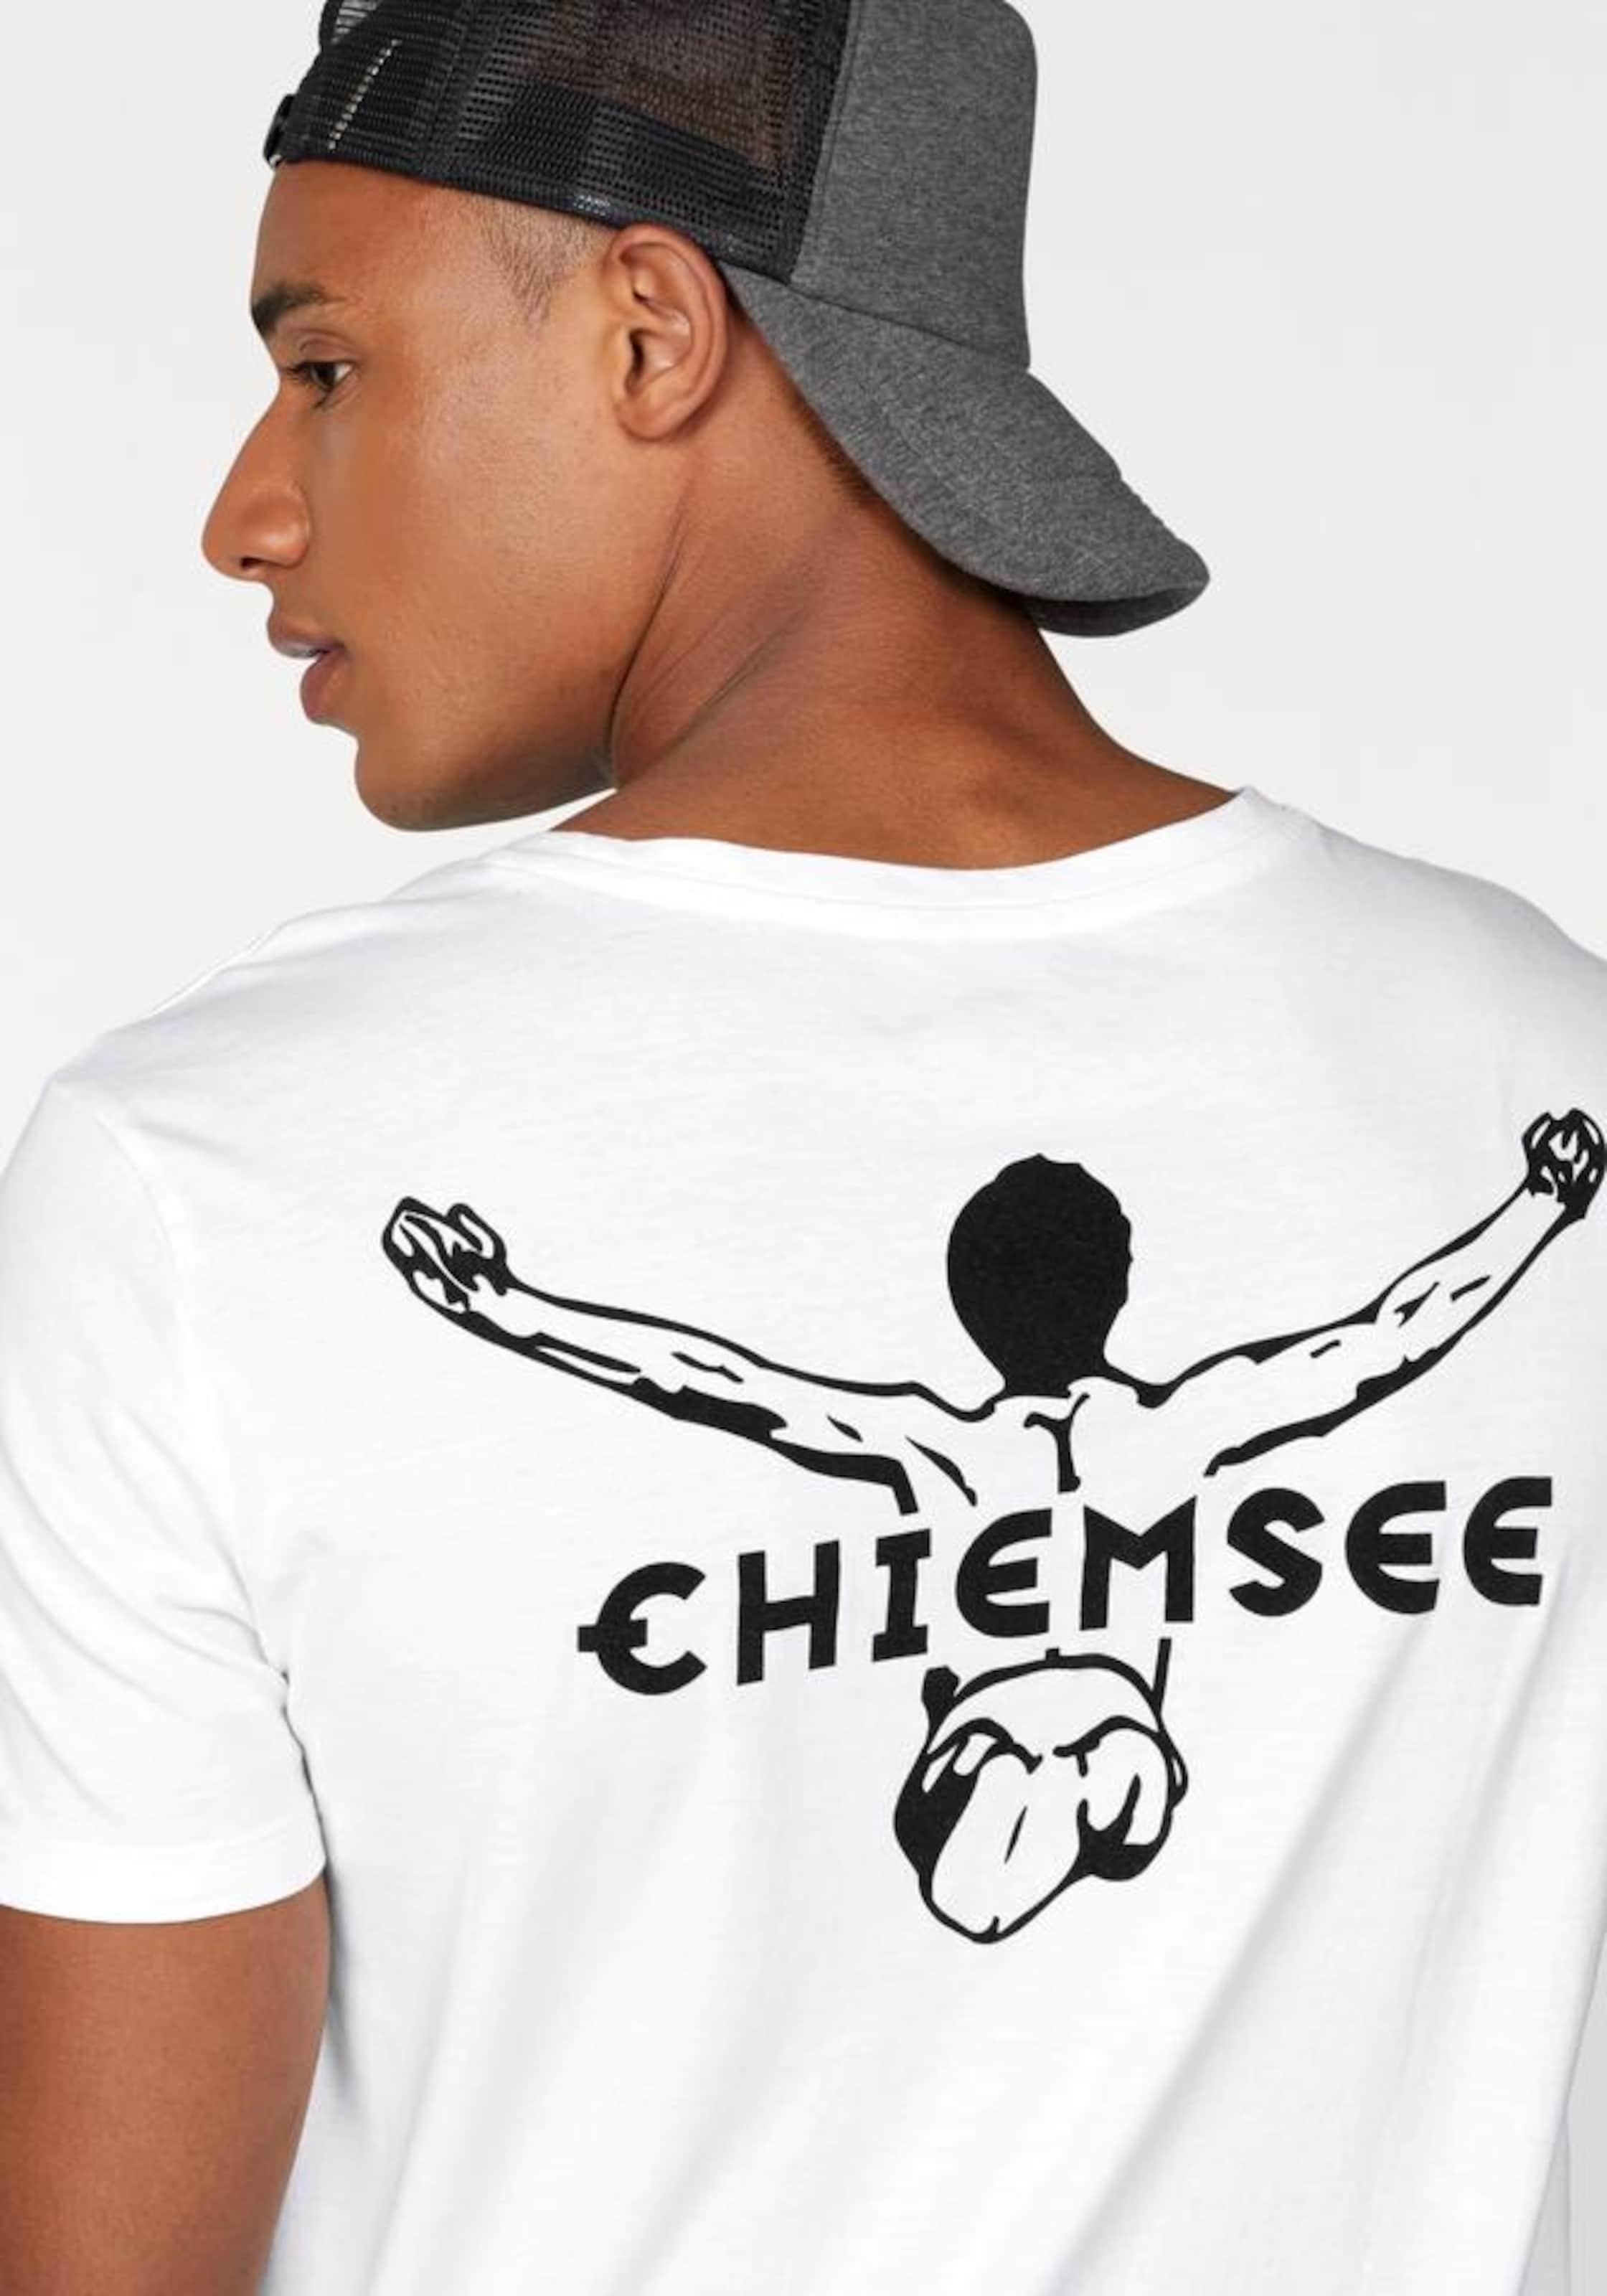 Verkauf Mit Mastercard CHIEMSEE T-Shirt Billig Verkauf Finish Verkauf Schnelle Lieferung Günstig Kaufen Rabatt Shop Günstig Online rSSFSU2v